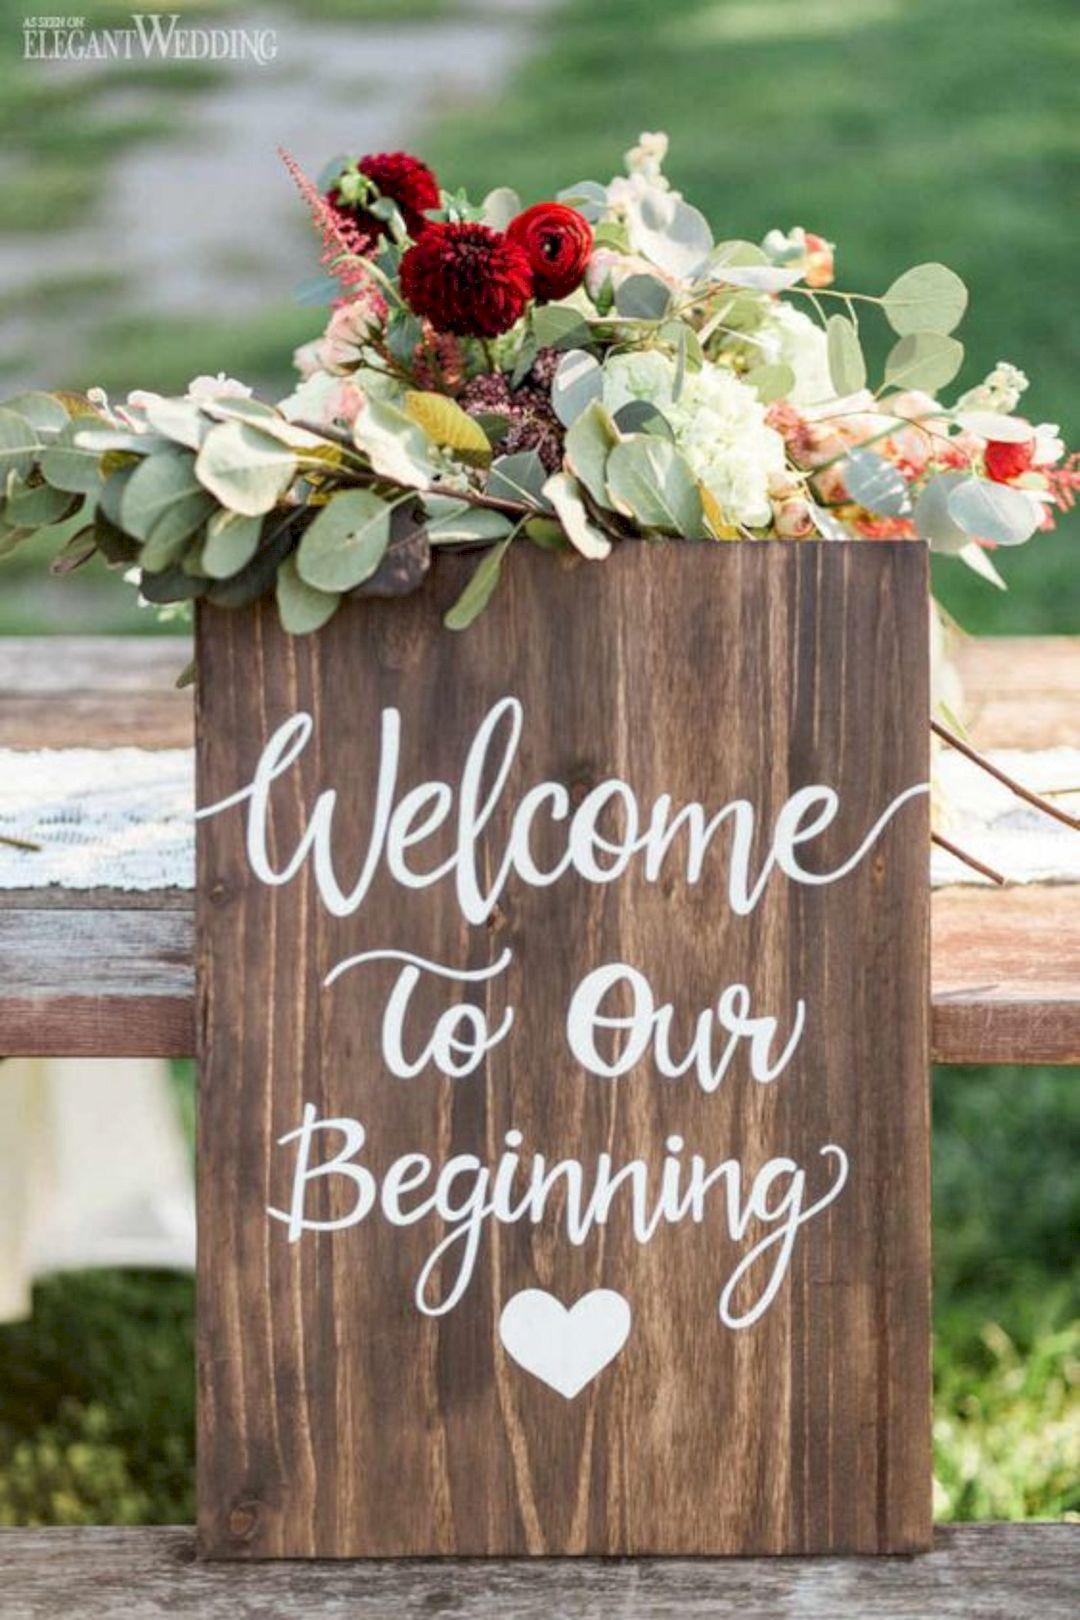 17 gorgeous vintage wedding decorations pinterest vintage 17 gorgeous vintage wedding decorations httpsdesignlisticle vintage wedding decorations junglespirit Images